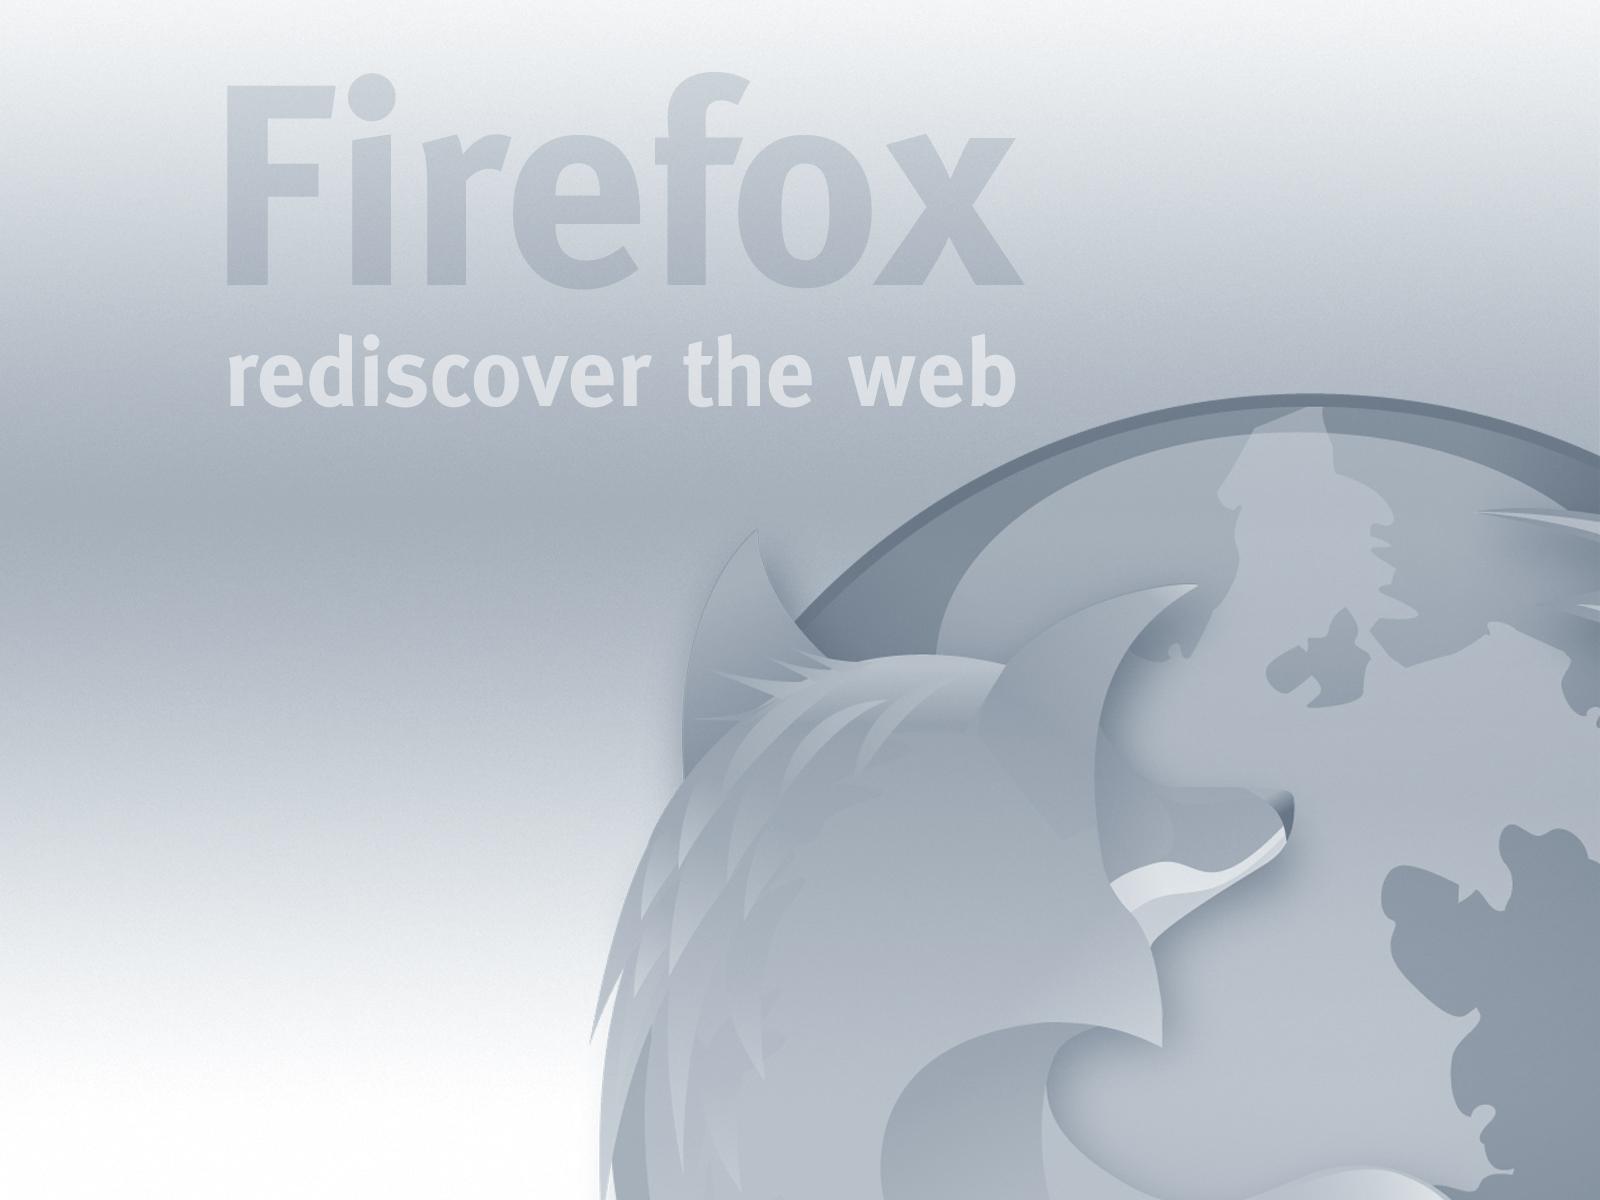 http://4.bp.blogspot.com/-0JIrnokDPM0/Tgm5upviRDI/AAAAAAAAA94/-lqBdXrnSF4/s1600/firefox1%2Bby%2Bwww.bdtvstar.com%2B%252834%2529.jpg